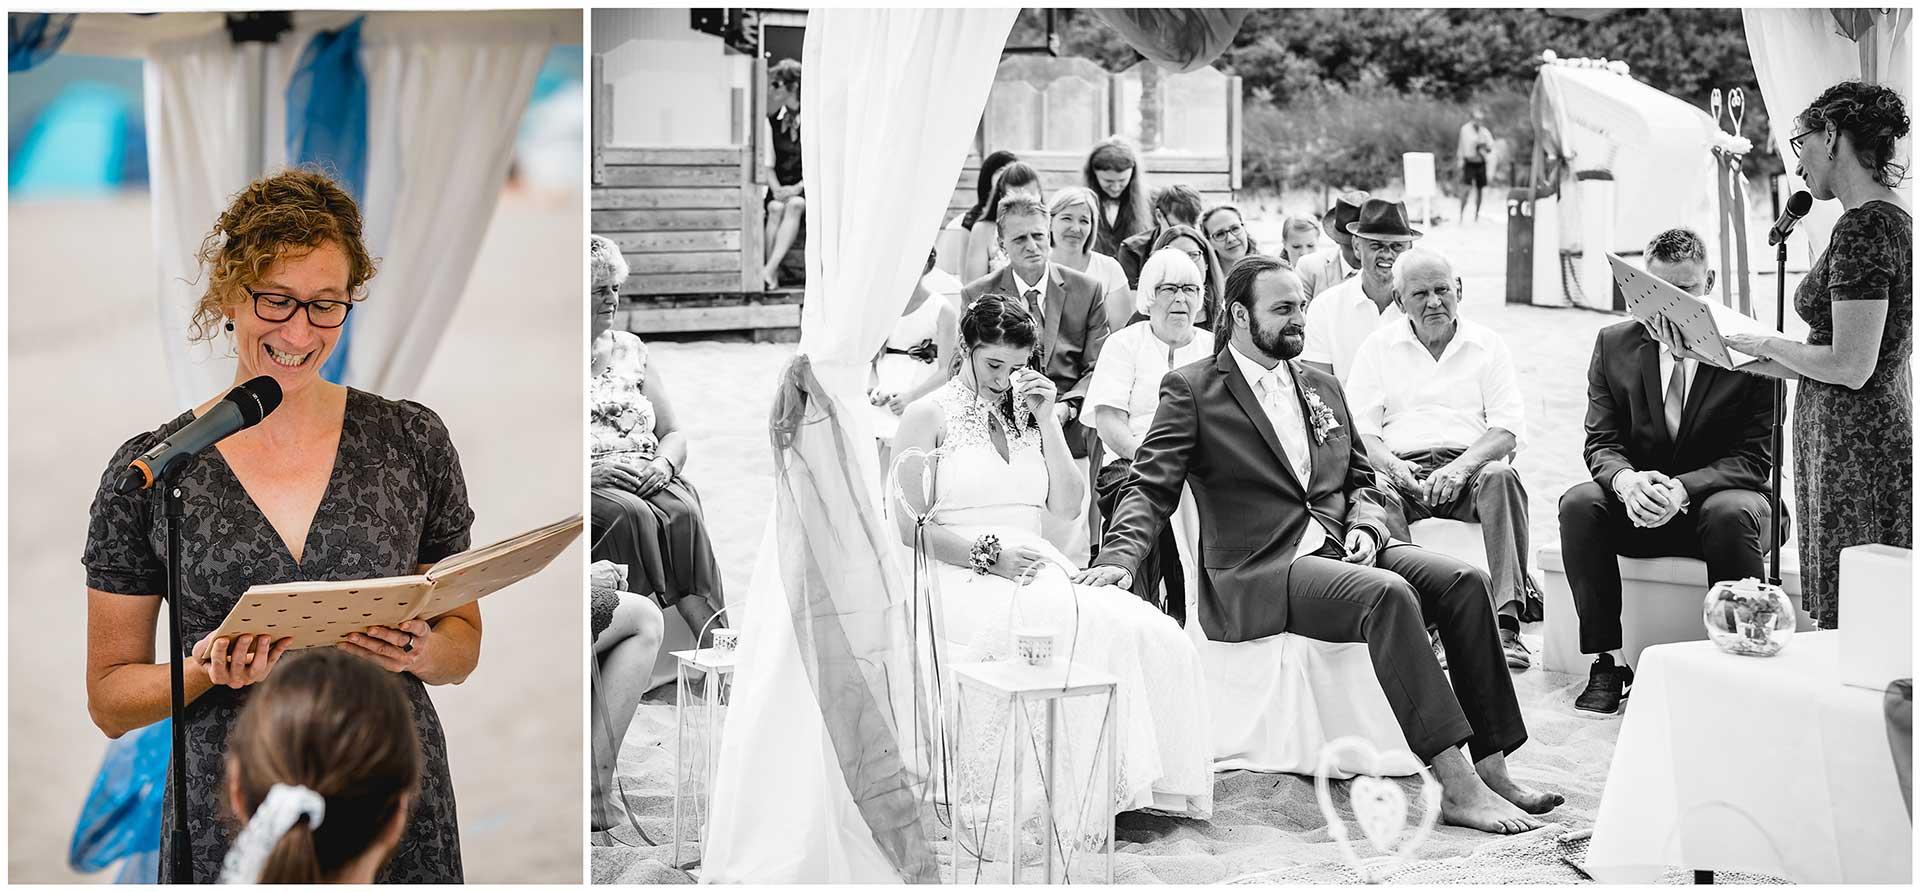 Foto-1_Traurednerin_Tante-der-Braut-haelt-bei-der-Freien-Trauung-am-Strand_Foto 2_Brautpaar-und Gaeste-Hochzeit-am-Strand-Hochzeitsfotograf-Warnemuende-Hochzeitsfotograf-Rostock-Hochzeitsfotograf-Ostseebad-Warnemuende